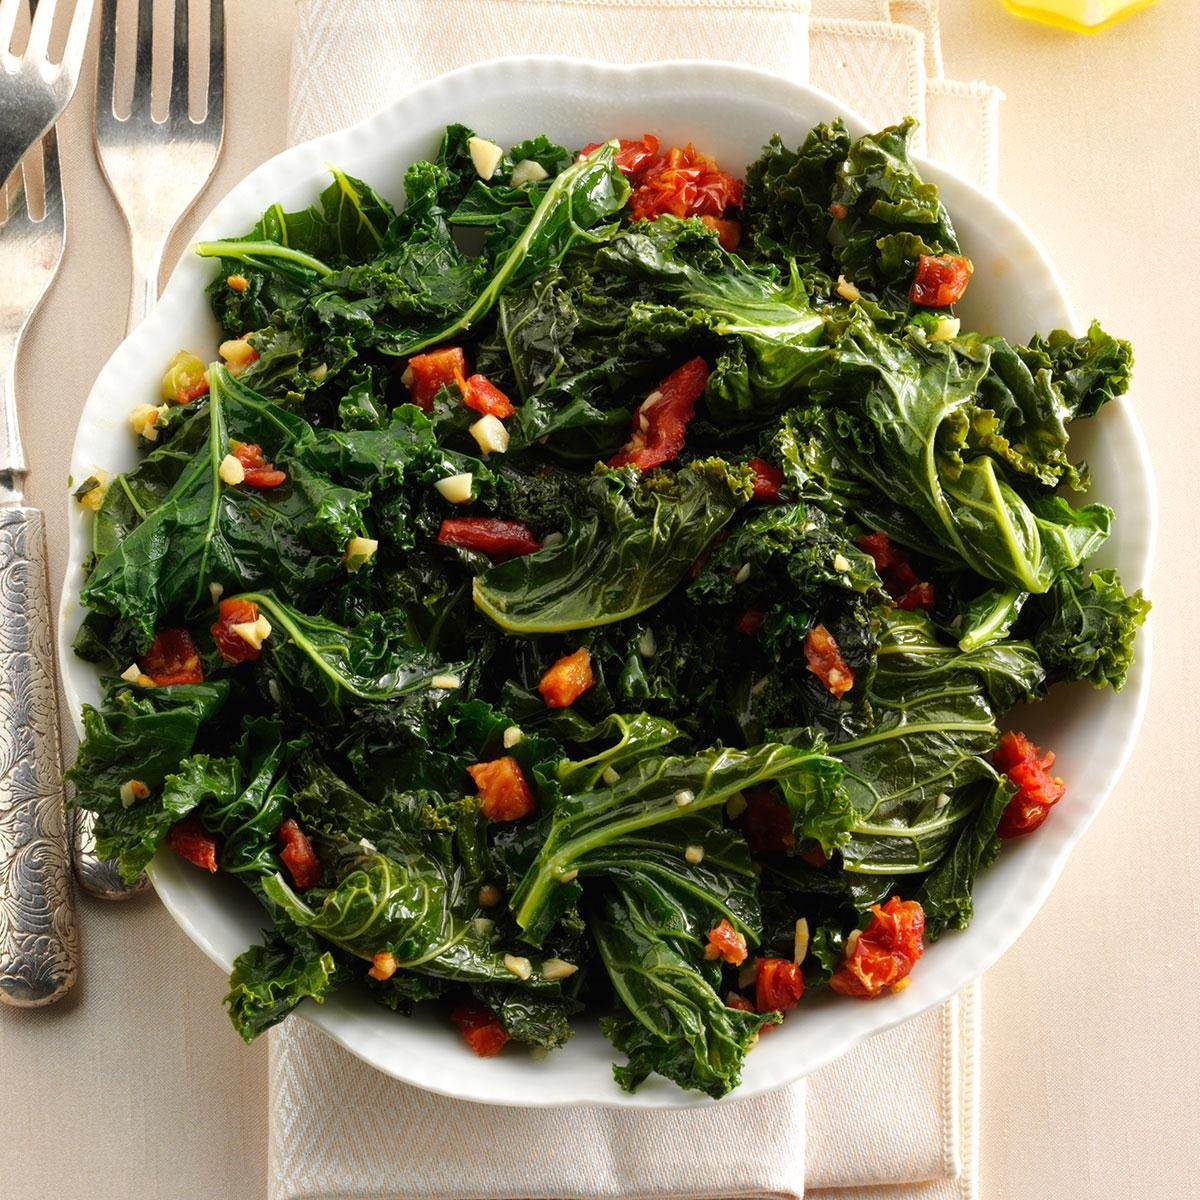 Warm, Tasty Greens with Garlic